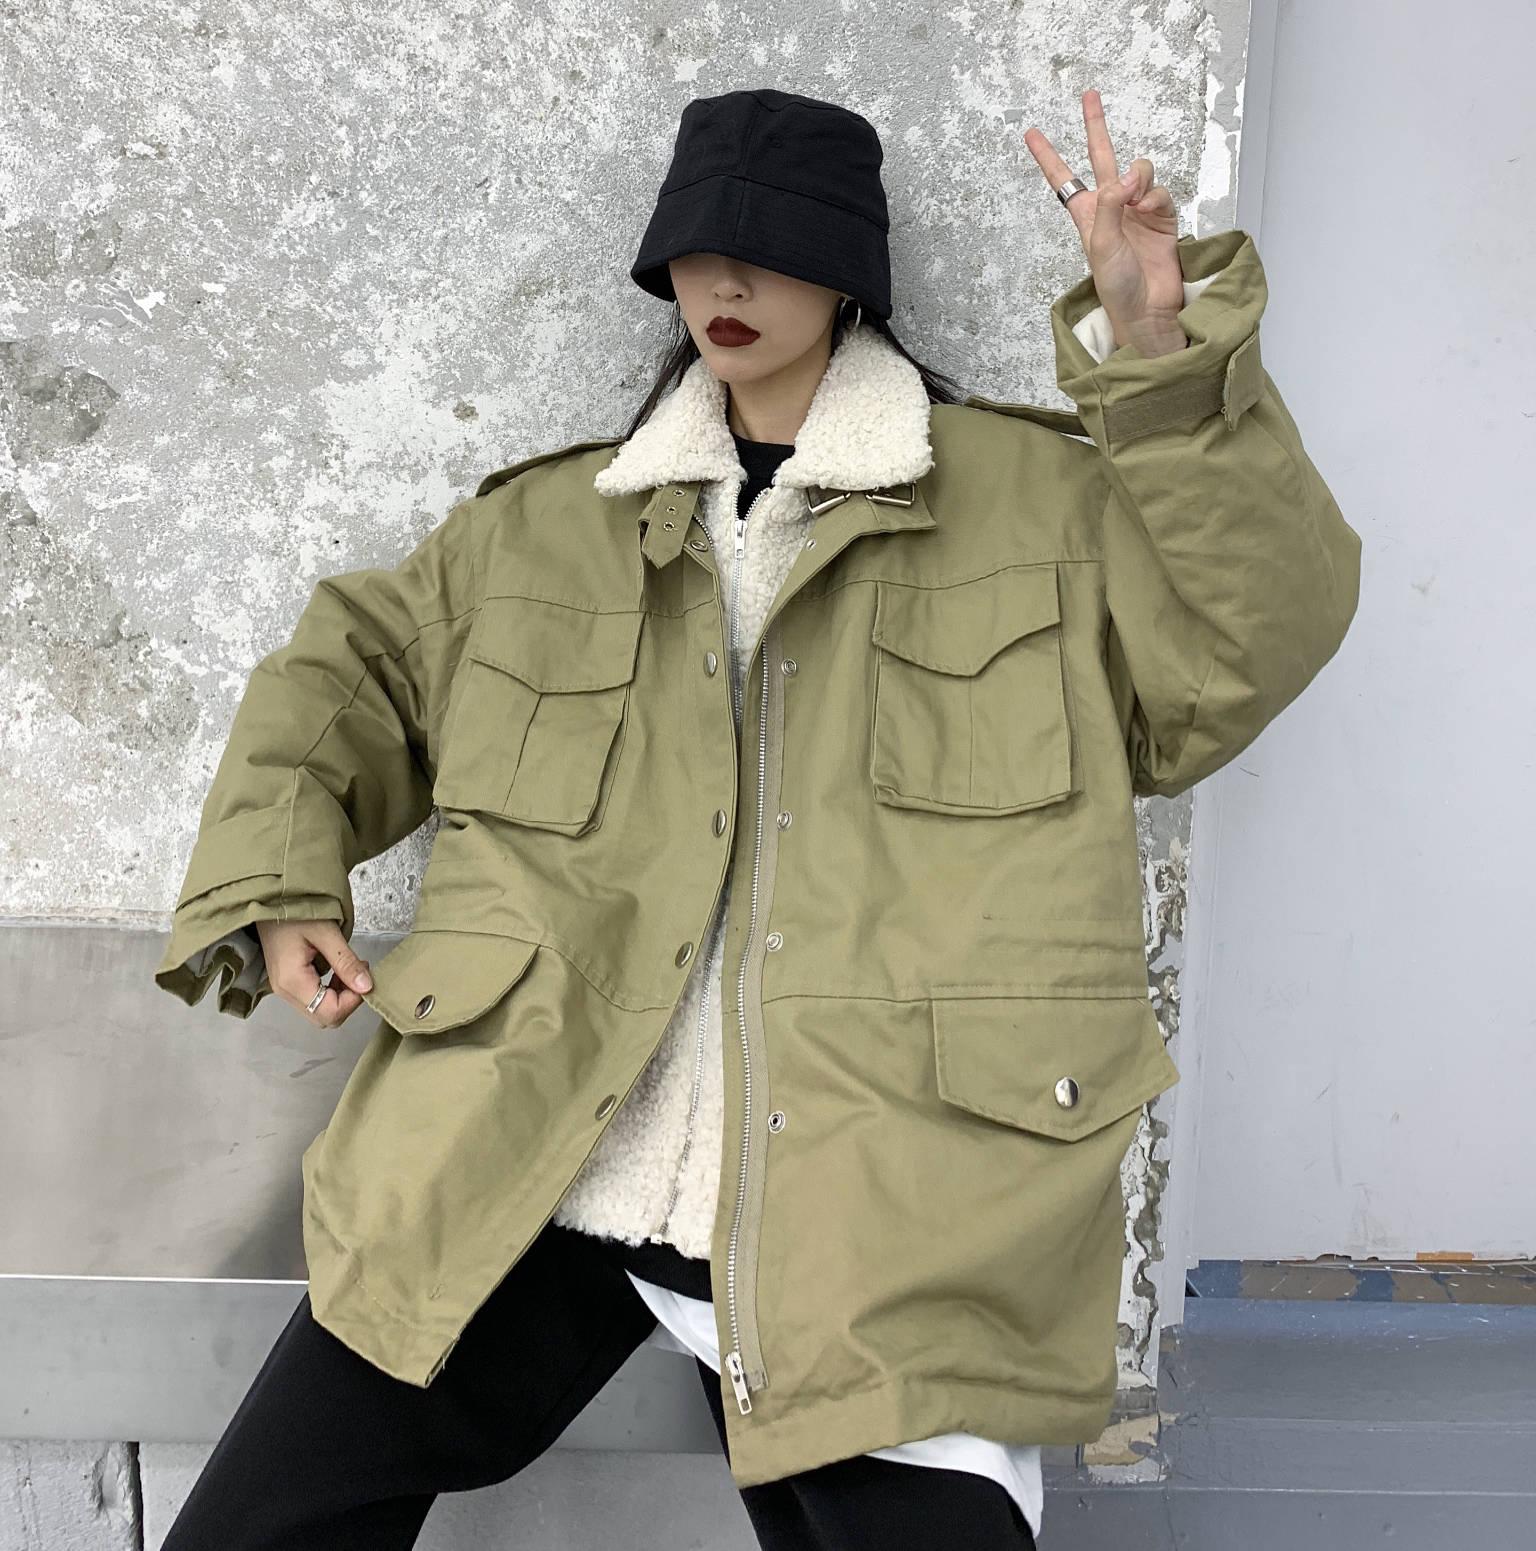 实拍 2019年冬装新款派克短款工装风韩版港风毛领外套潮-思宇服饰-